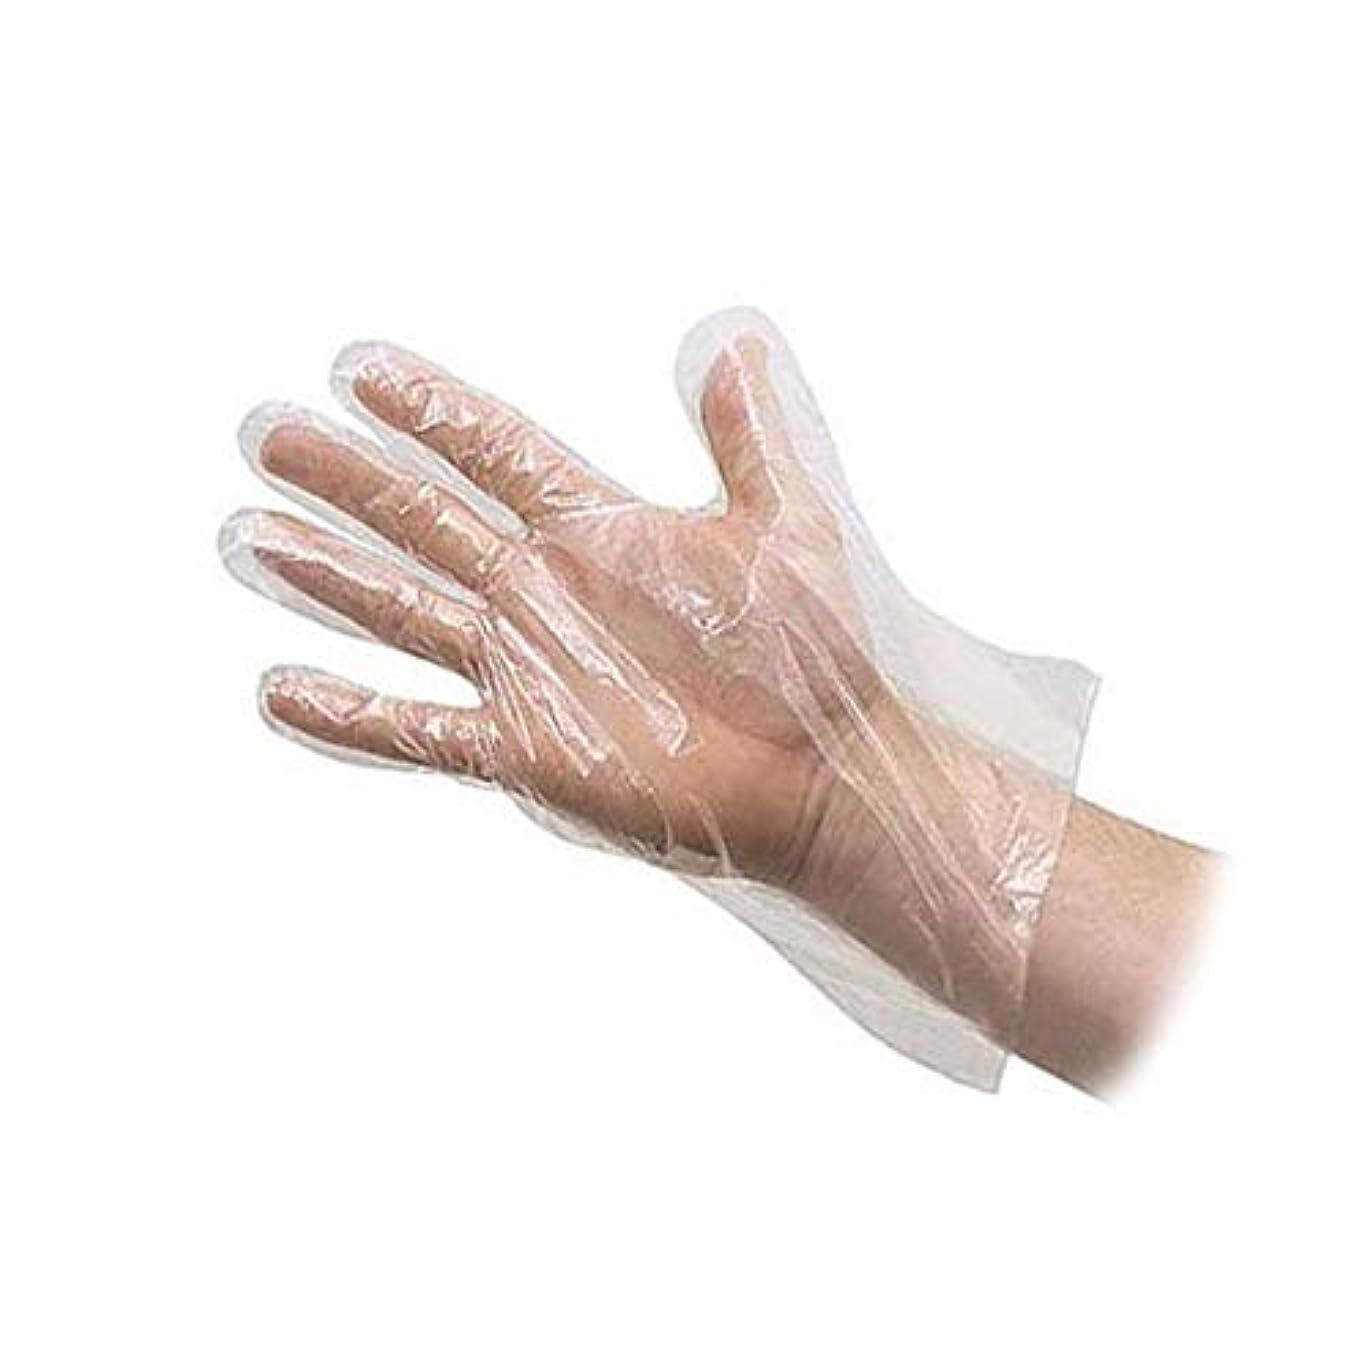 薬剤師バラバラにする空中(デマ―クト)De?markt ポリエチレン 手袋 使い捨て手袋 カタエンボス 調理用 食品 プラスチック ホワイト 粉なし 食品衛生 透明 左右兼用 薄型 ビニール極薄手袋 100枚入